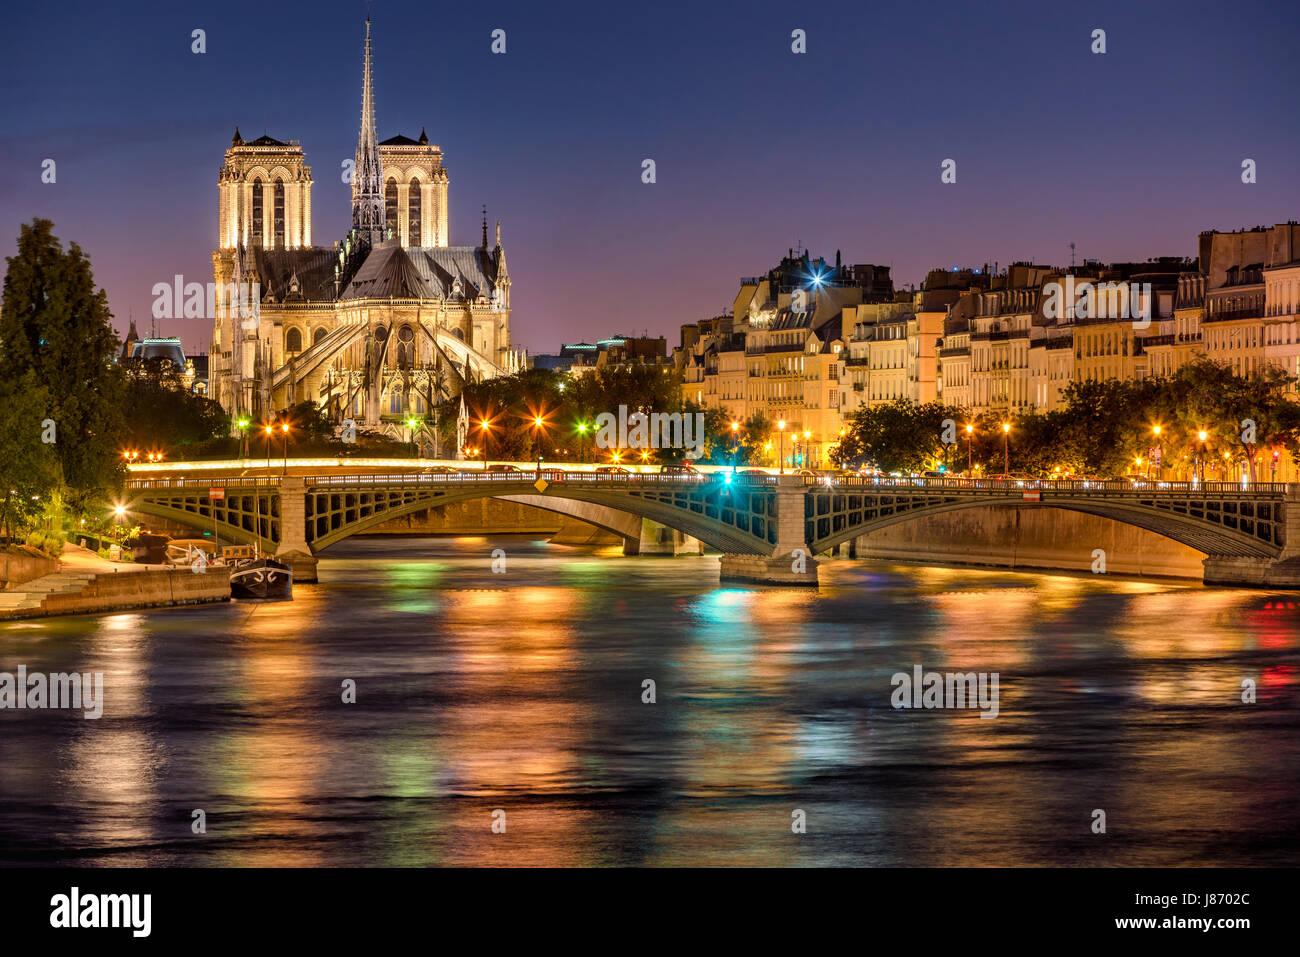 La Cathédrale Notre Dame de Paris, Seine et le pont de Sully, au crépuscule. Soir d'été Photo Stock